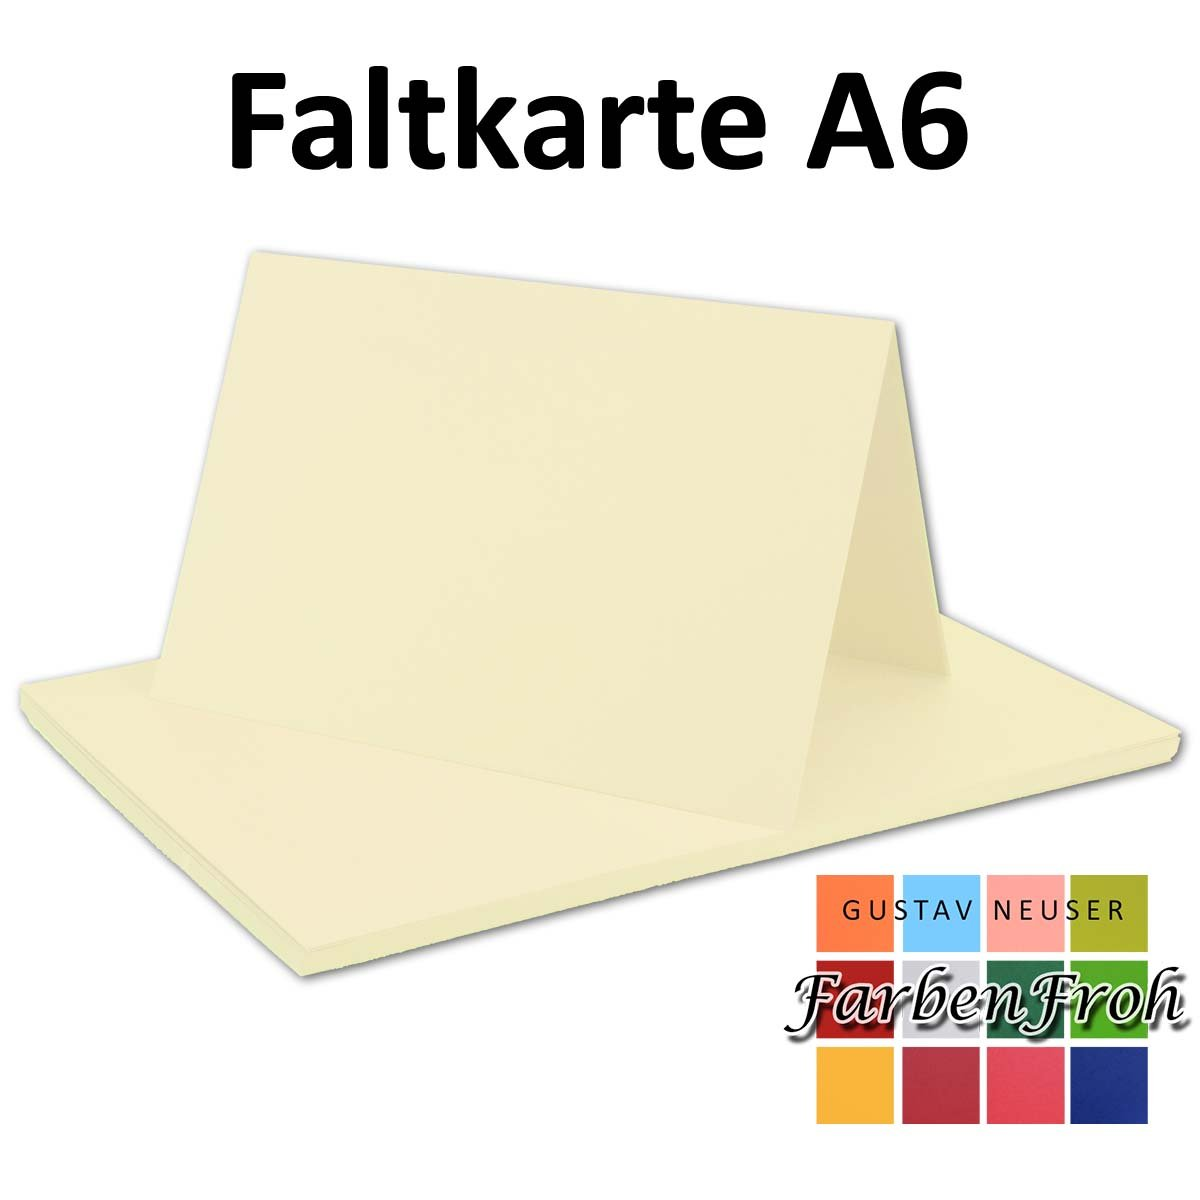 150x Falt-Karten DIN A6 Blanko Doppel-Karten in Vanille -10,5 -10,5 -10,5 x 14,8 cm   Premium Qualität   FarbenFroh® B07KJ2PP6C | Lass unsere Waren in die Welt gehen  df31ca